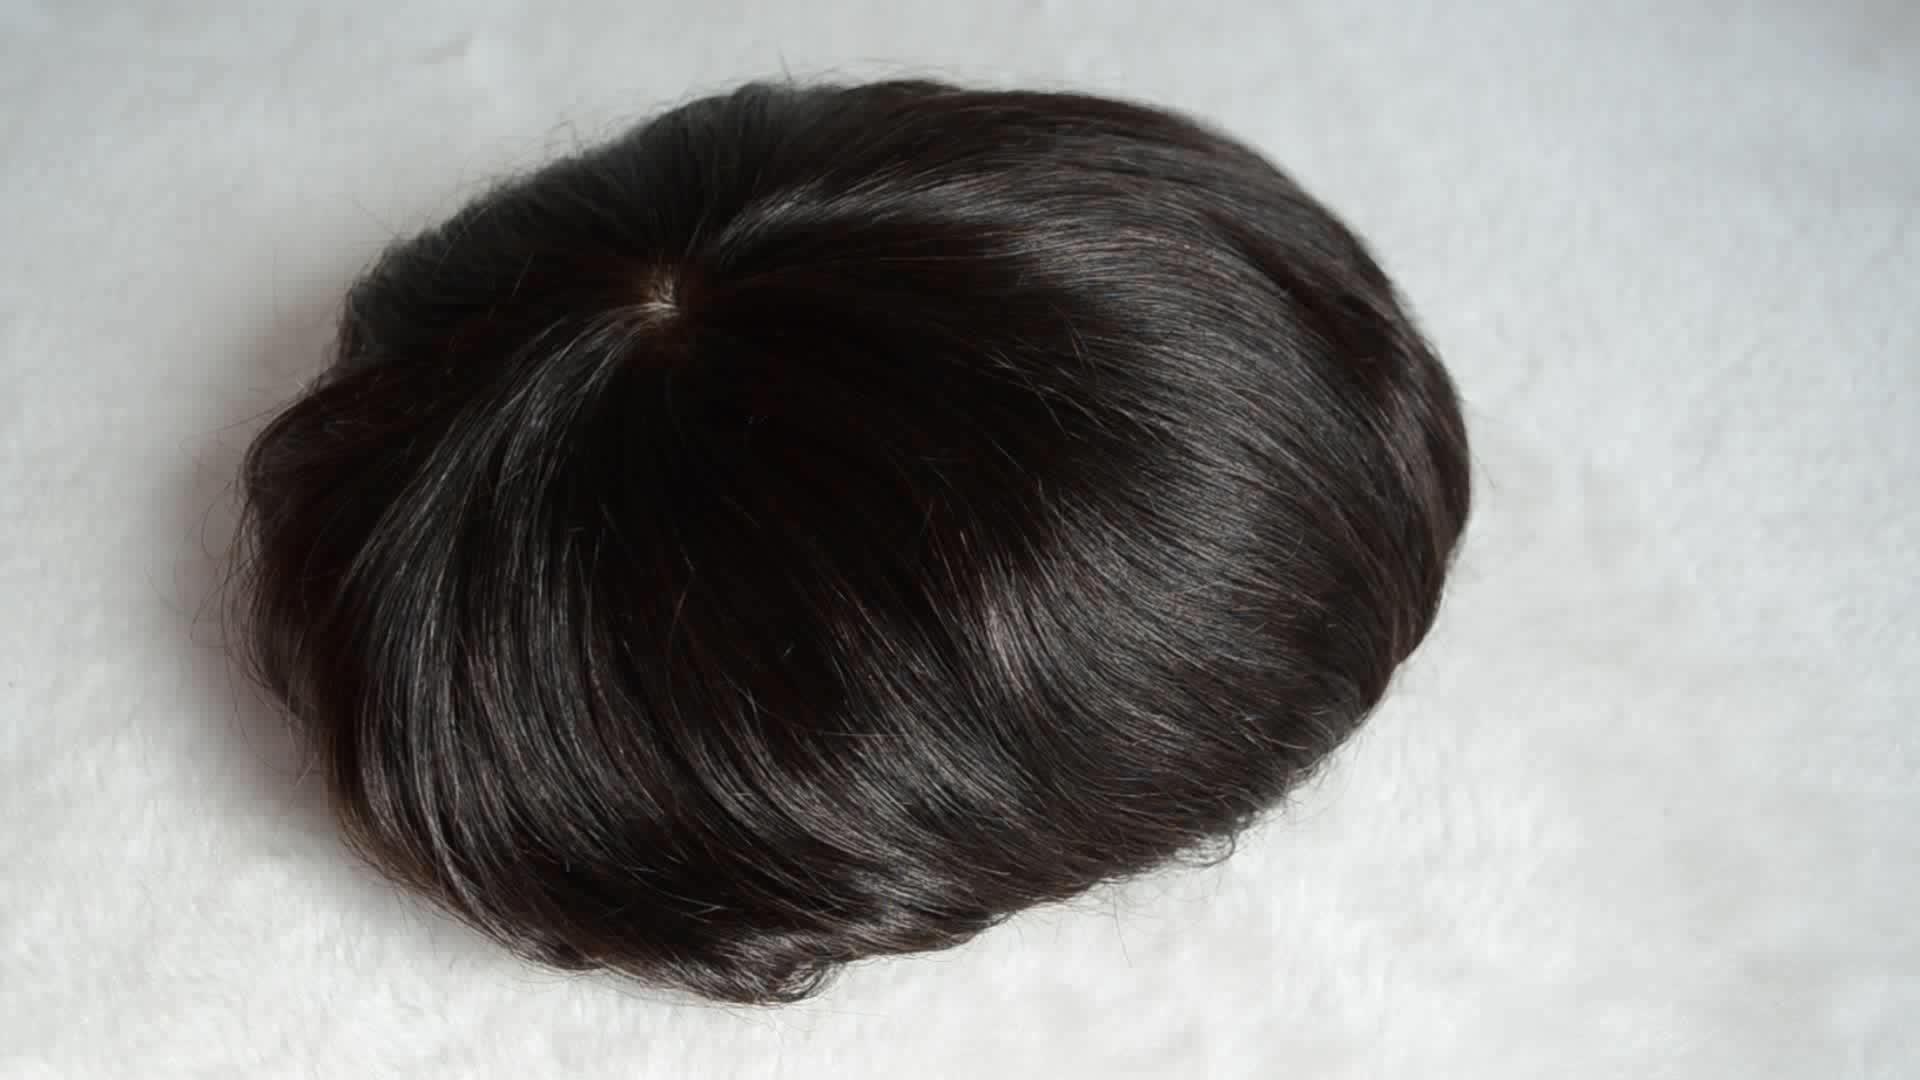 Comprar 0.15mm toda a peruca atada pele polis da parte dianteira da vieira do Hairpiece do Hairpiece,0.15mm toda a peruca atada pele polis da parte dianteira da vieira do Hairpiece do Hairpiece Preço,0.15mm toda a peruca atada pele polis da parte dianteira da vieira do Hairpiece do Hairpiece   Marcas,0.15mm toda a peruca atada pele polis da parte dianteira da vieira do Hairpiece do Hairpiece Fabricante,0.15mm toda a peruca atada pele polis da parte dianteira da vieira do Hairpiece do Hairpiece Mercado,0.15mm toda a peruca atada pele polis da parte dianteira da vieira do Hairpiece do Hairpiece Companhia,